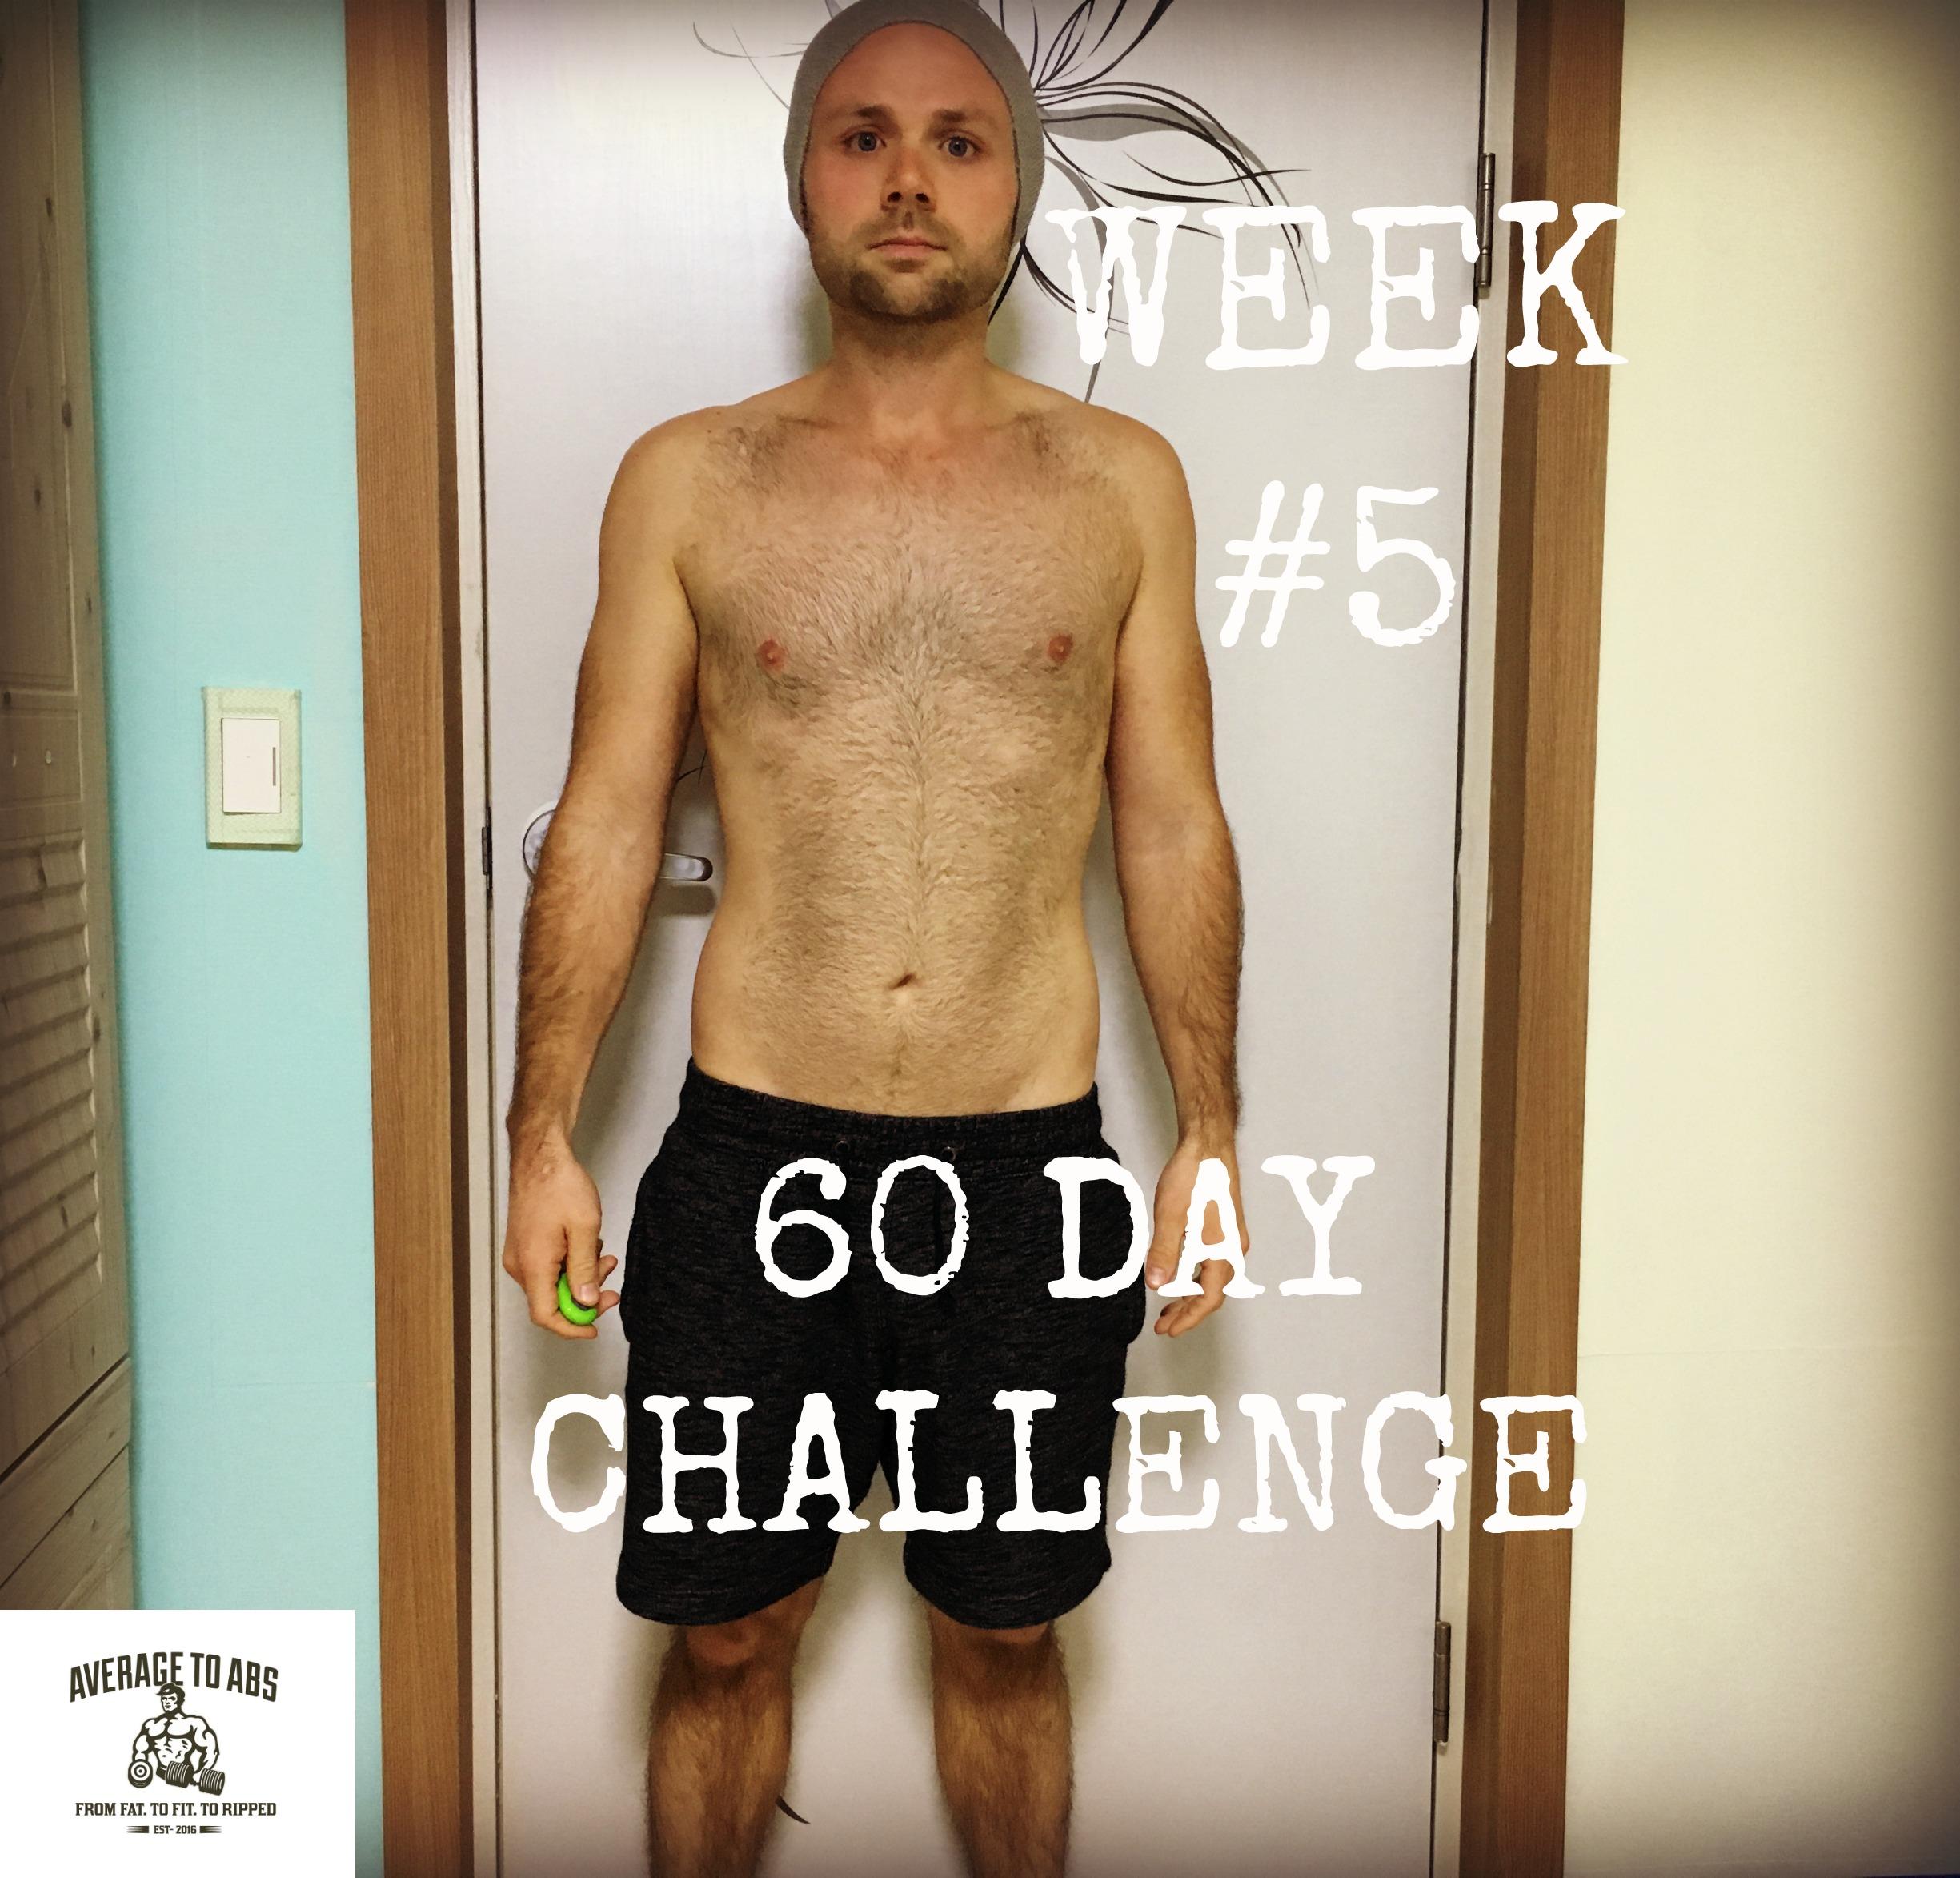 60 Day Challange Week 5